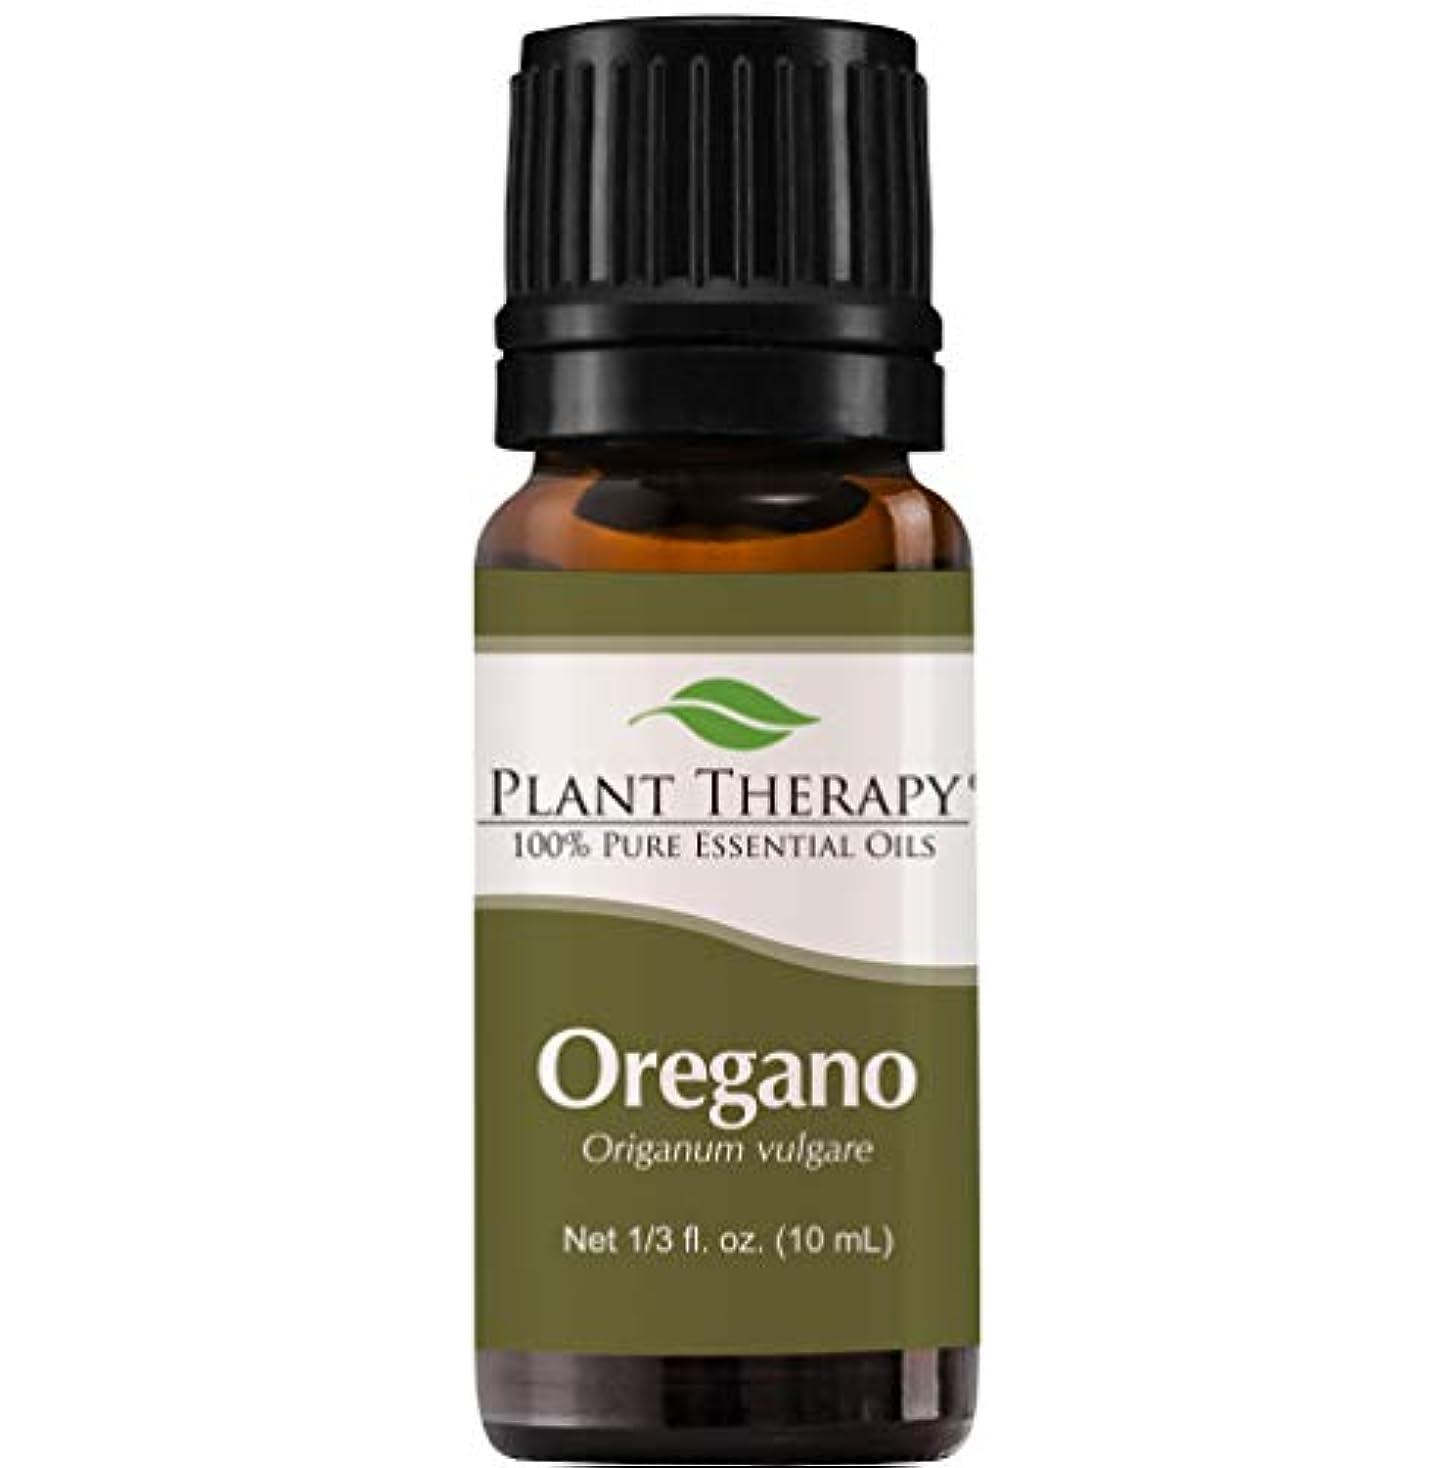 移住する好ましい眠りPlant Therapy Essential Oils (プラントセラピー エッセンシャルオイル) オレガノ (オリガヌム) エッセンシャルオイル